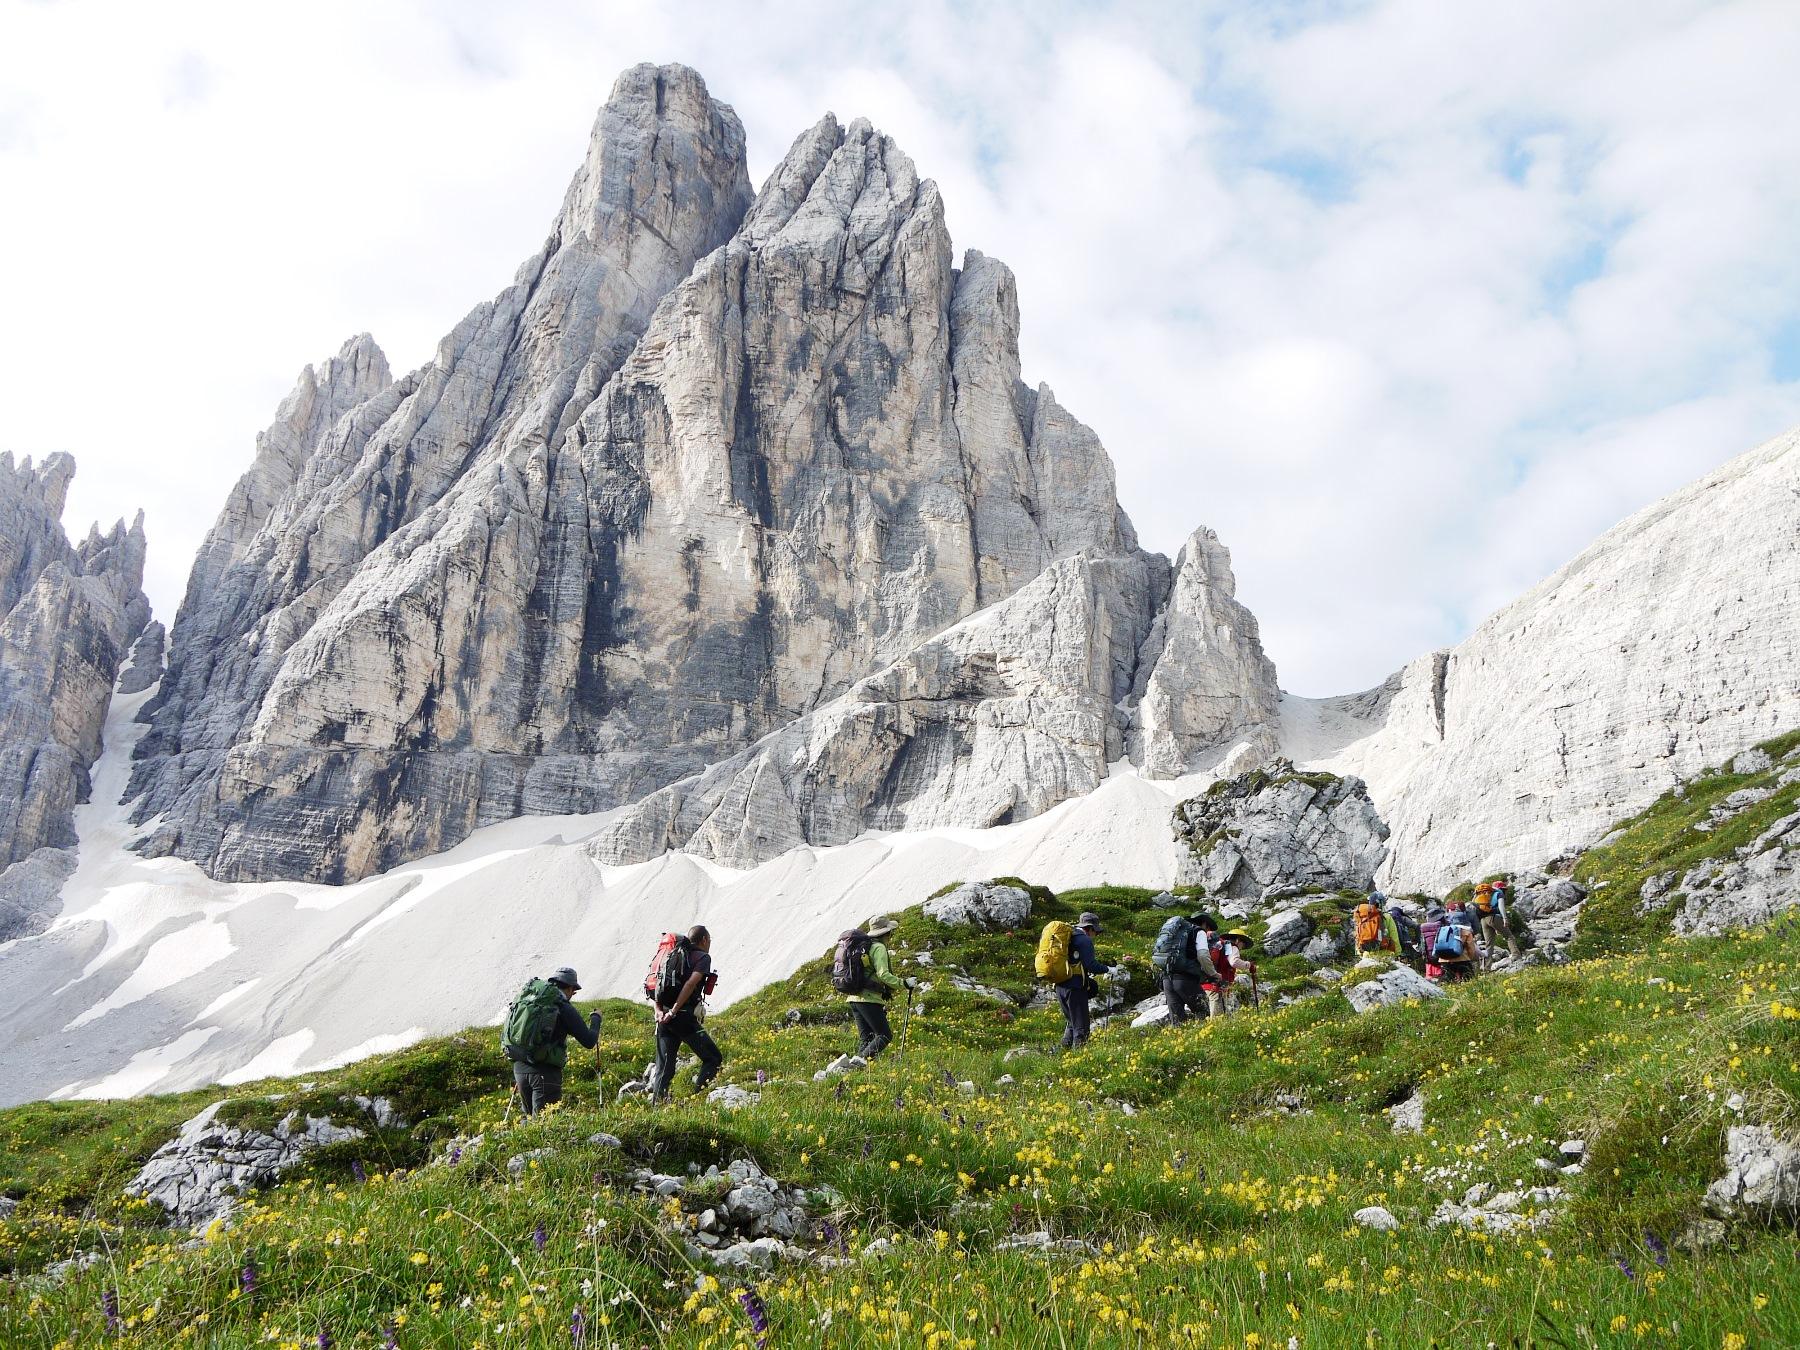 絶景のドロミテ山群 山小屋トレッキング・スペシャル 10日間